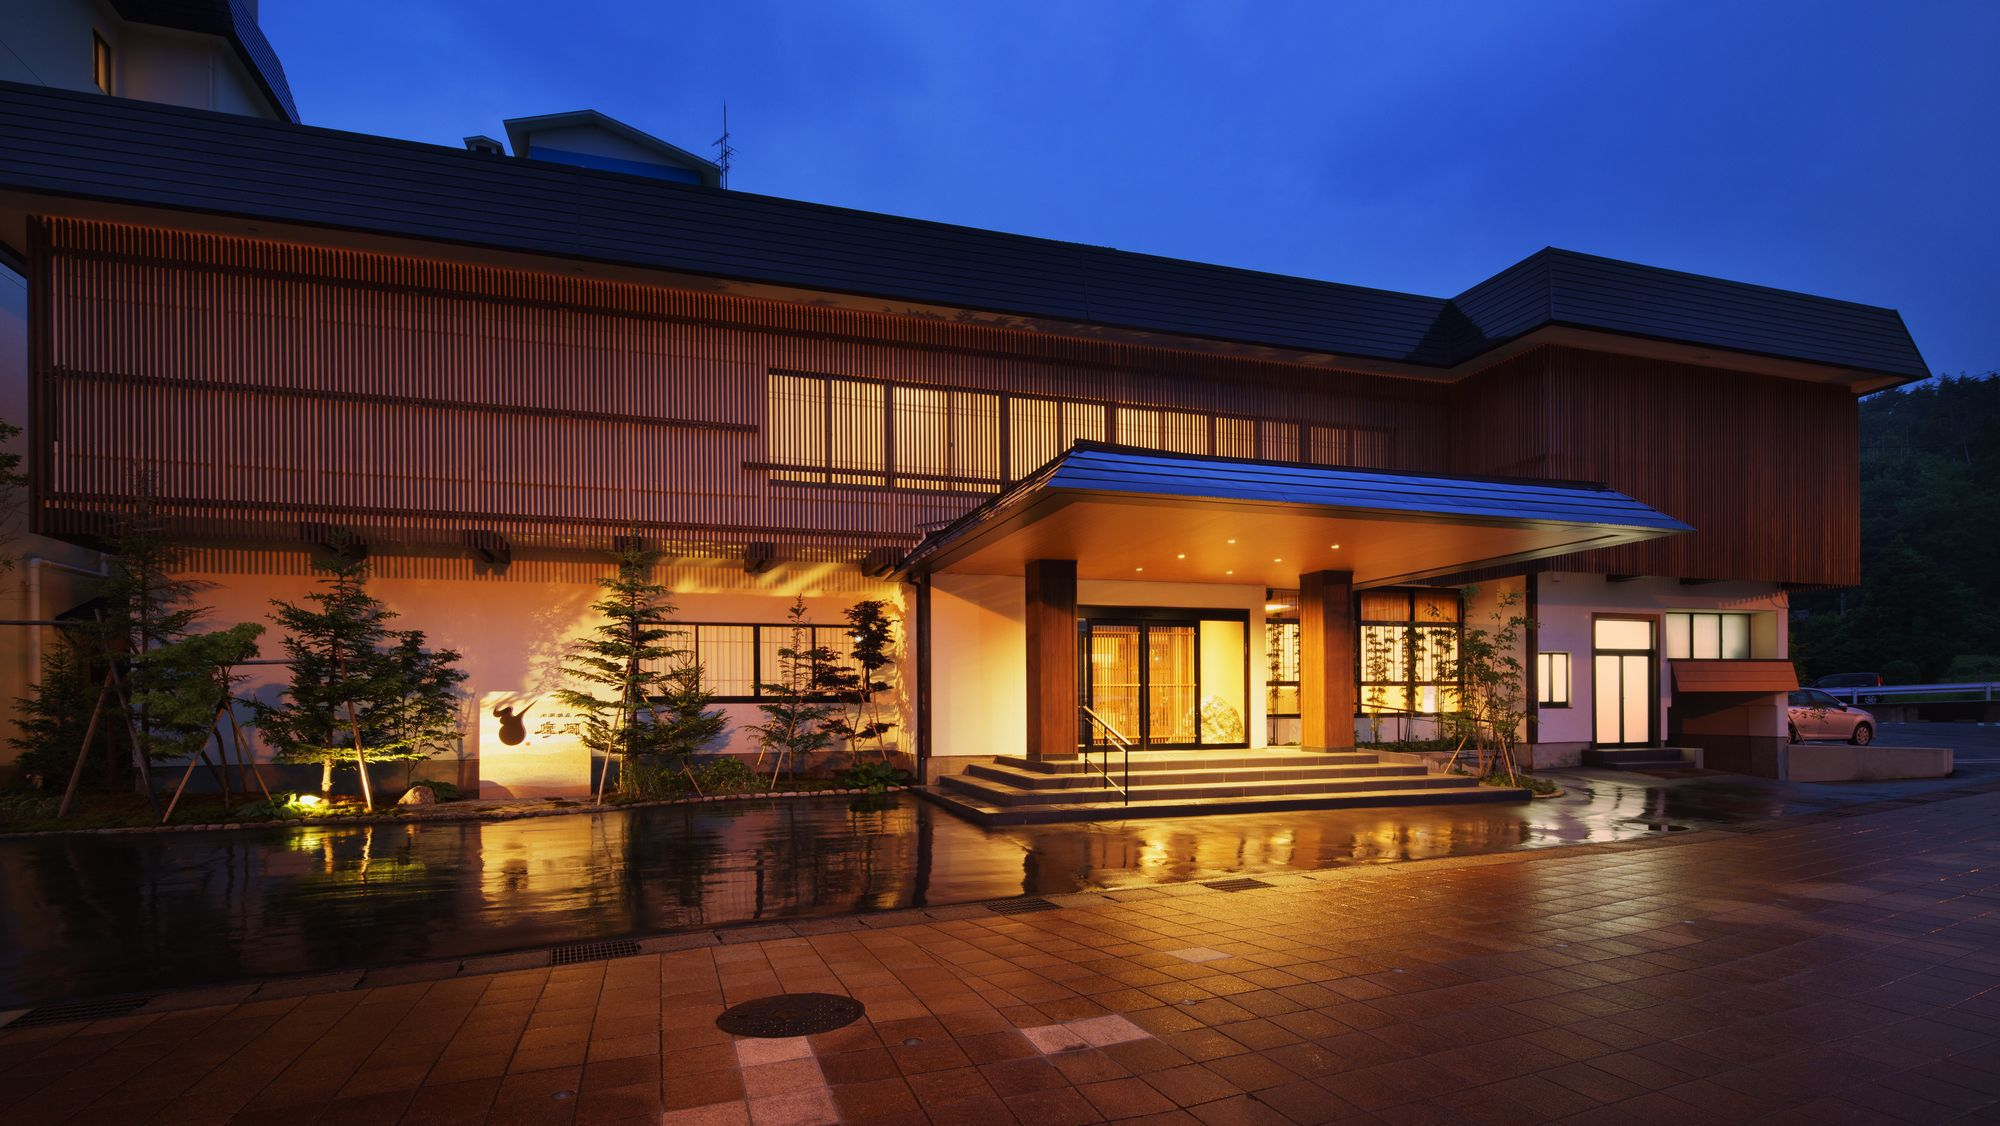 旅館のお食事!といった雰囲気で、インスタ映えしそうな食事がおすすめの月岡温泉の宿は?